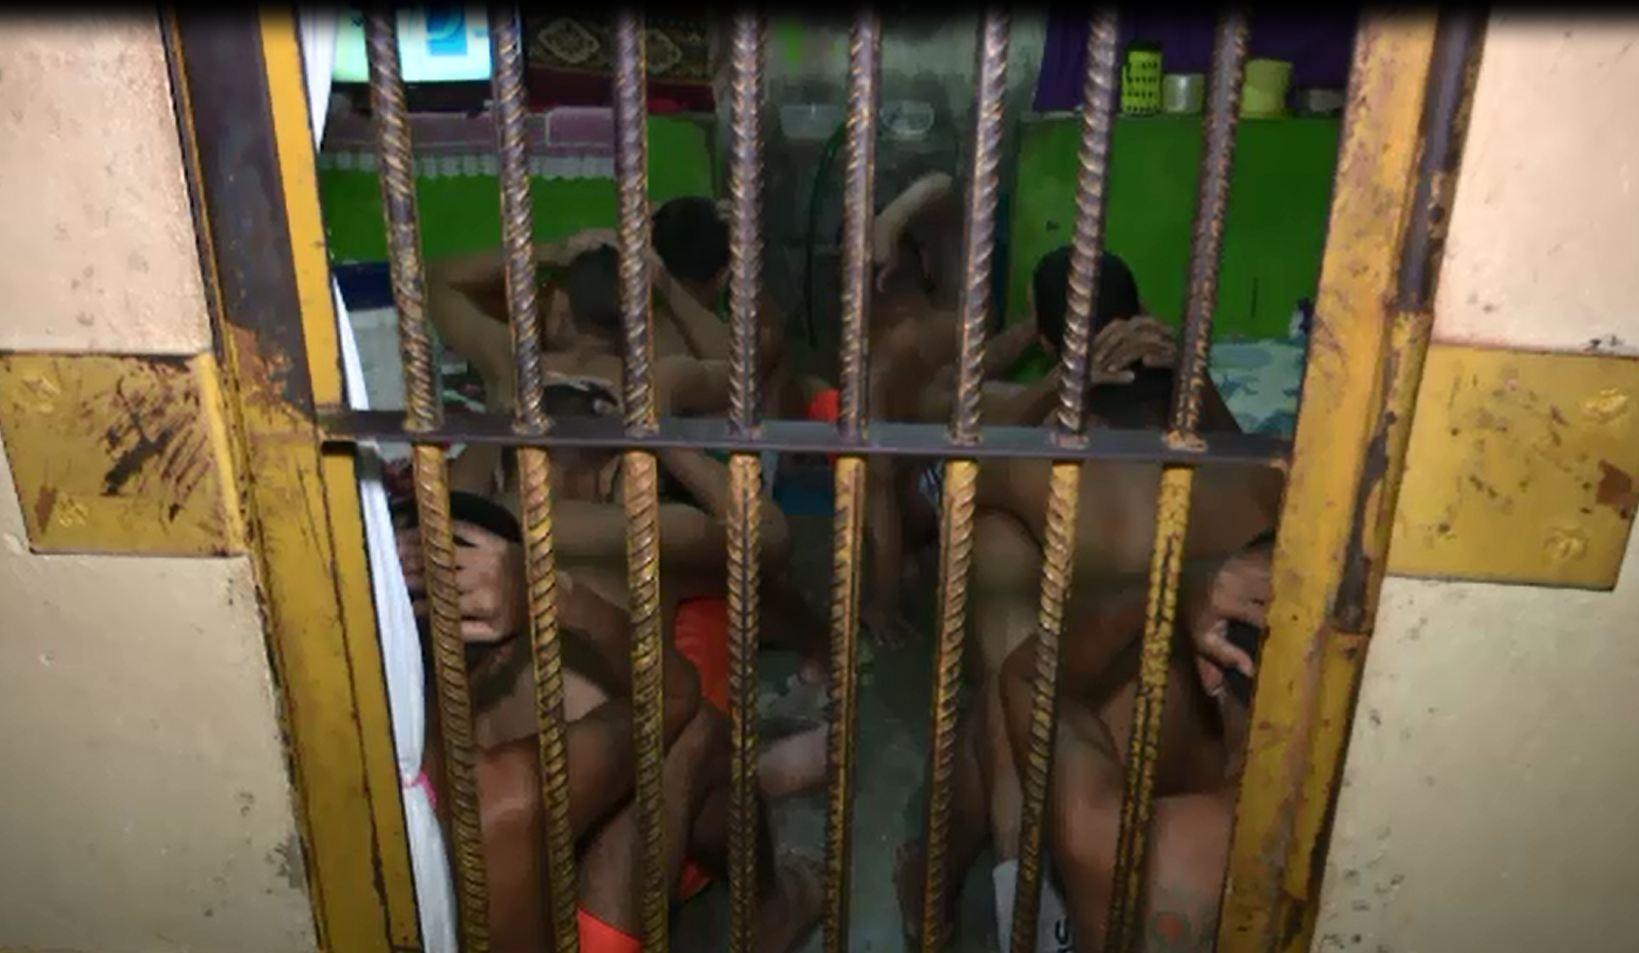 População carcerária no Acre reduz 26%, mas deficit em presídios ainda é de 1.654 vagas